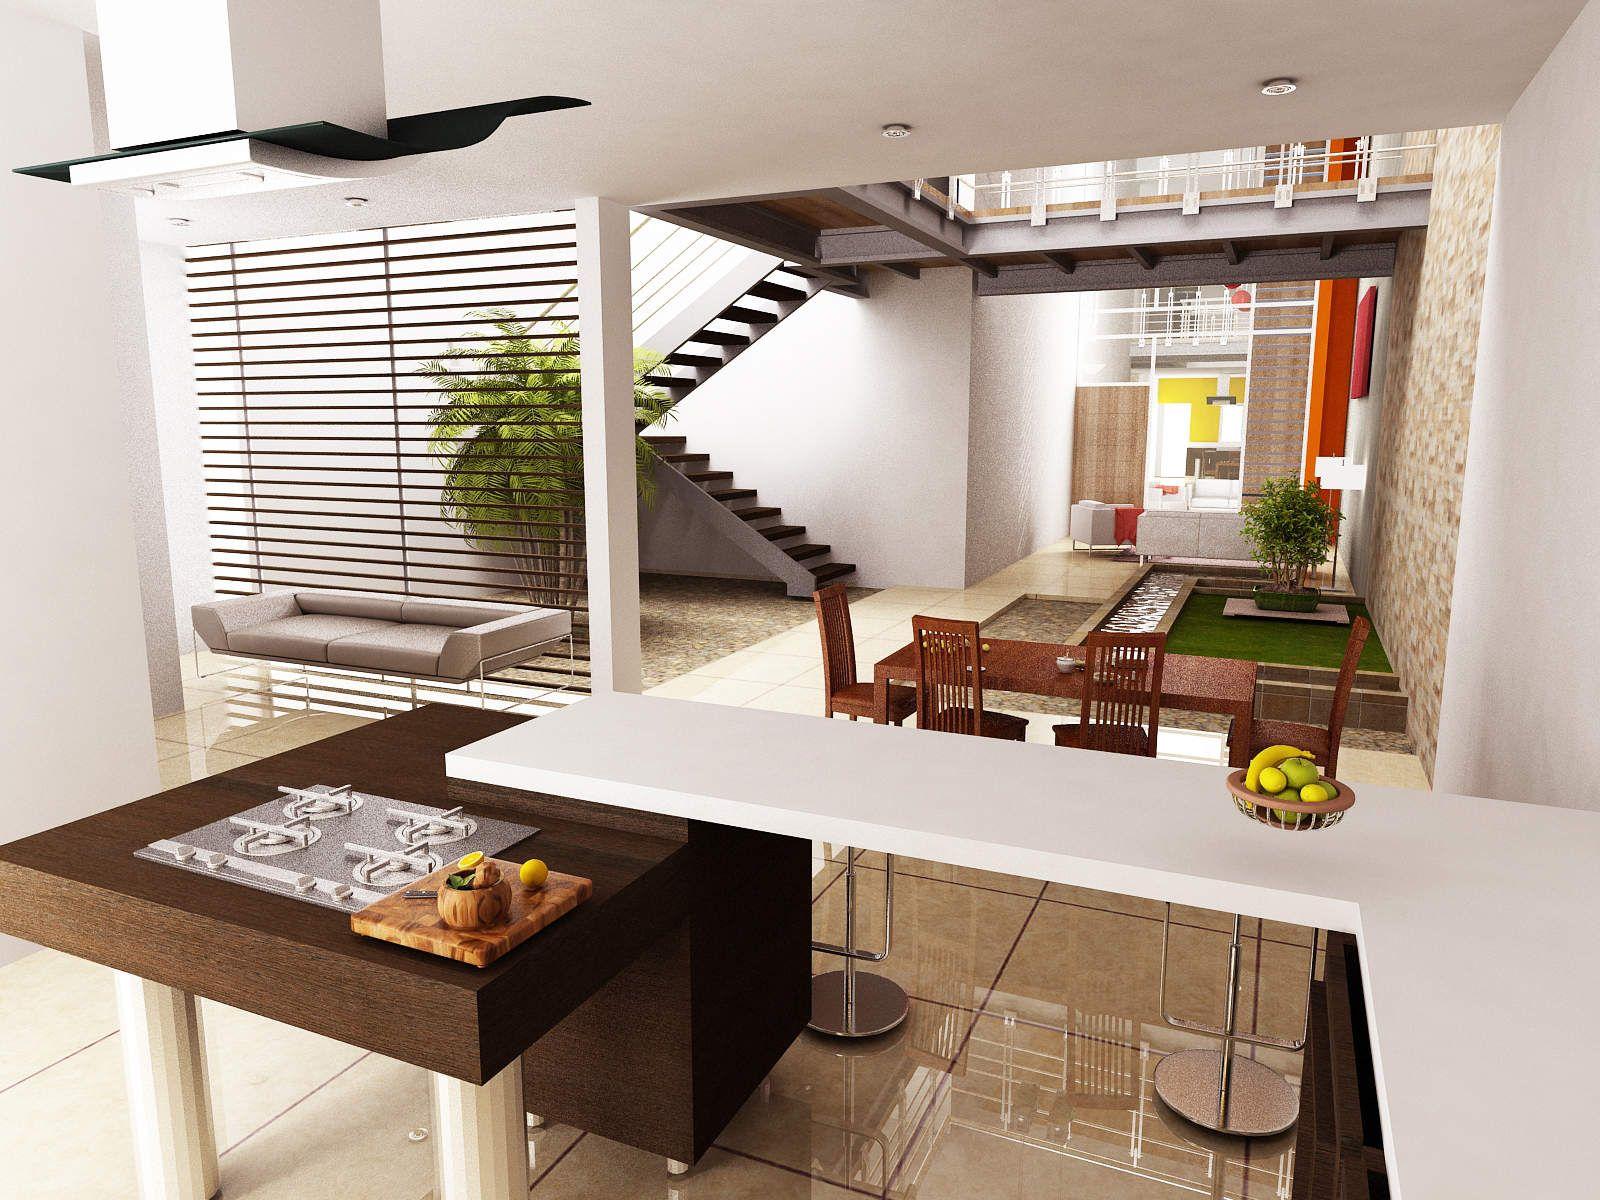 Pin de desiree fernandez en arquitectura dise o e for Modelos de sala cocina